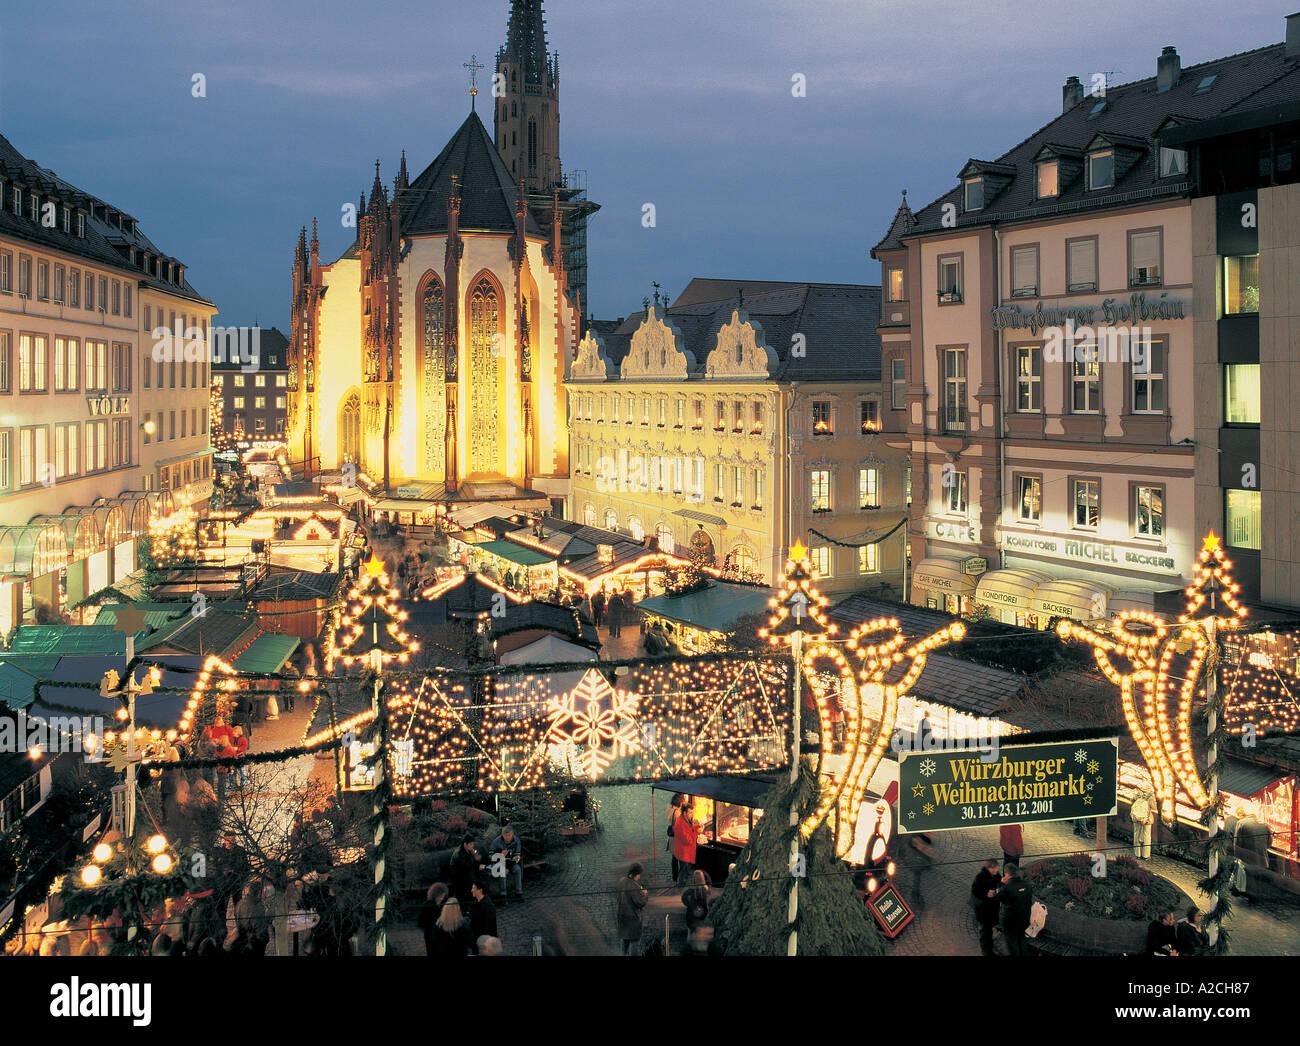 Weihnachtsmarkt Würzburg.Deutschland Würzburg Weihnachtsmarkt Hauptplatz Stockfoto Bild